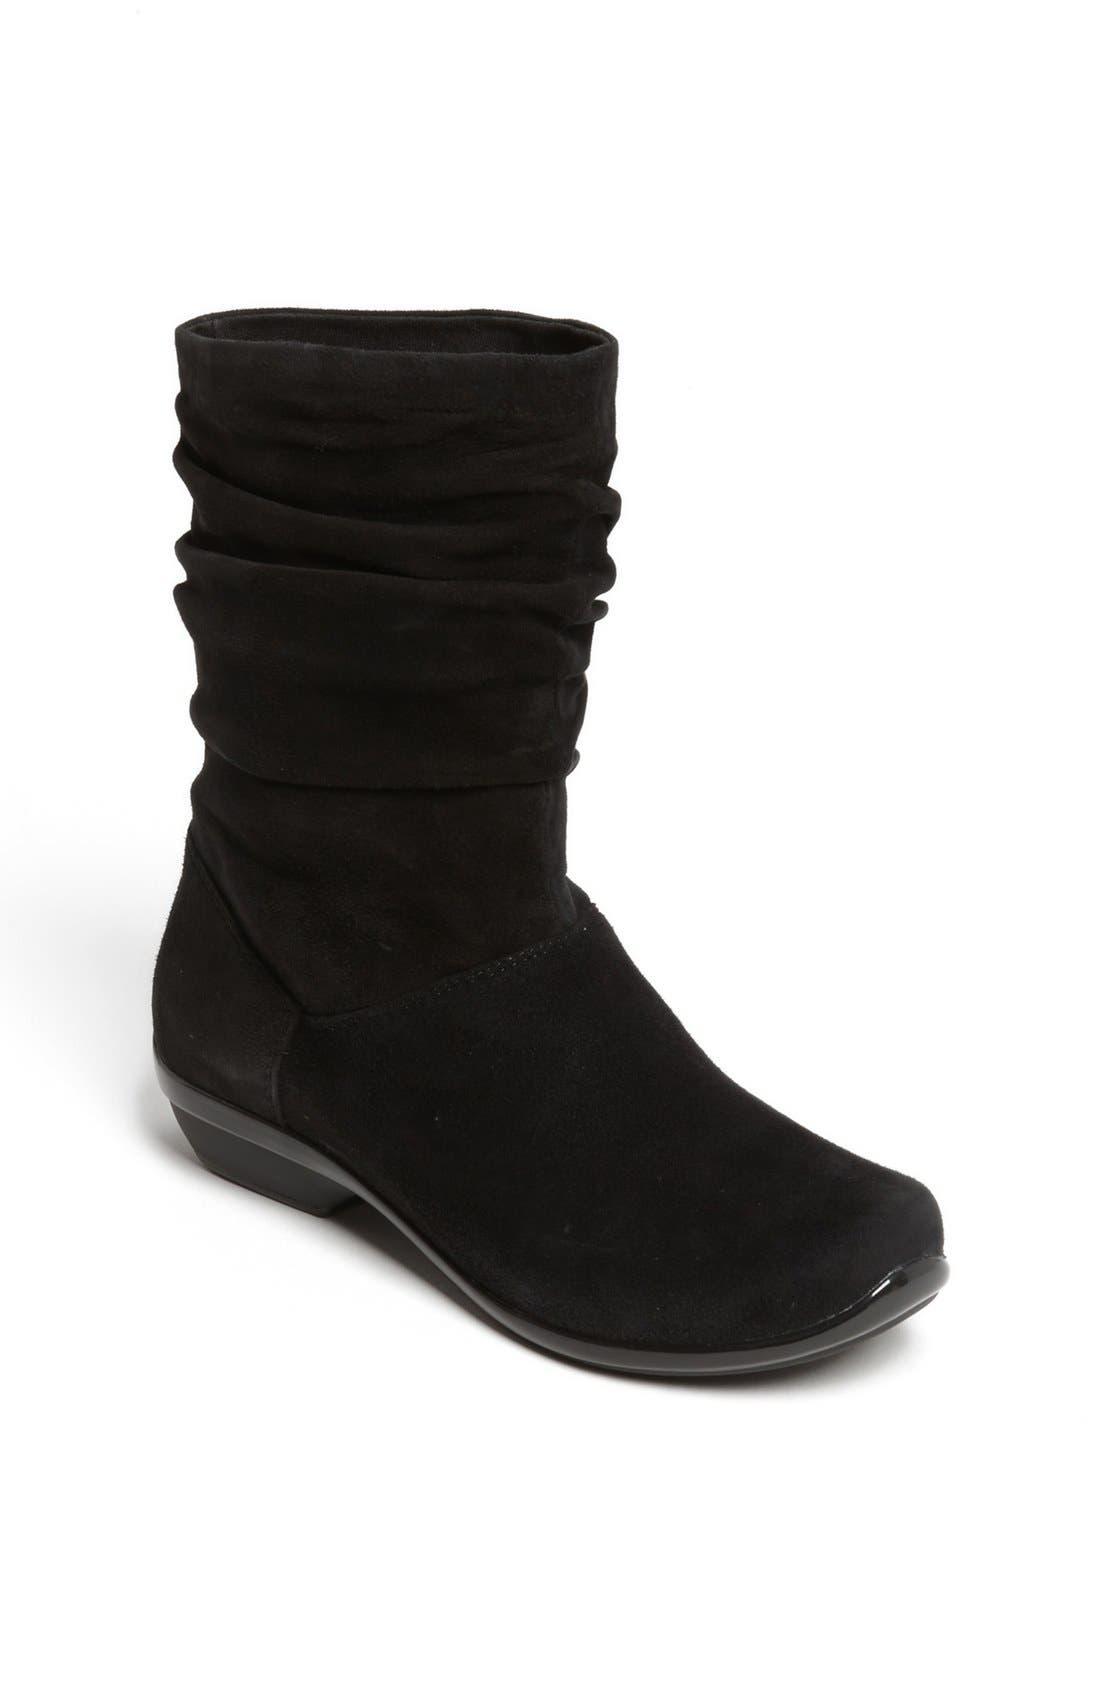 Alternate Image 1 Selected - Dankso 'Olga' Boot